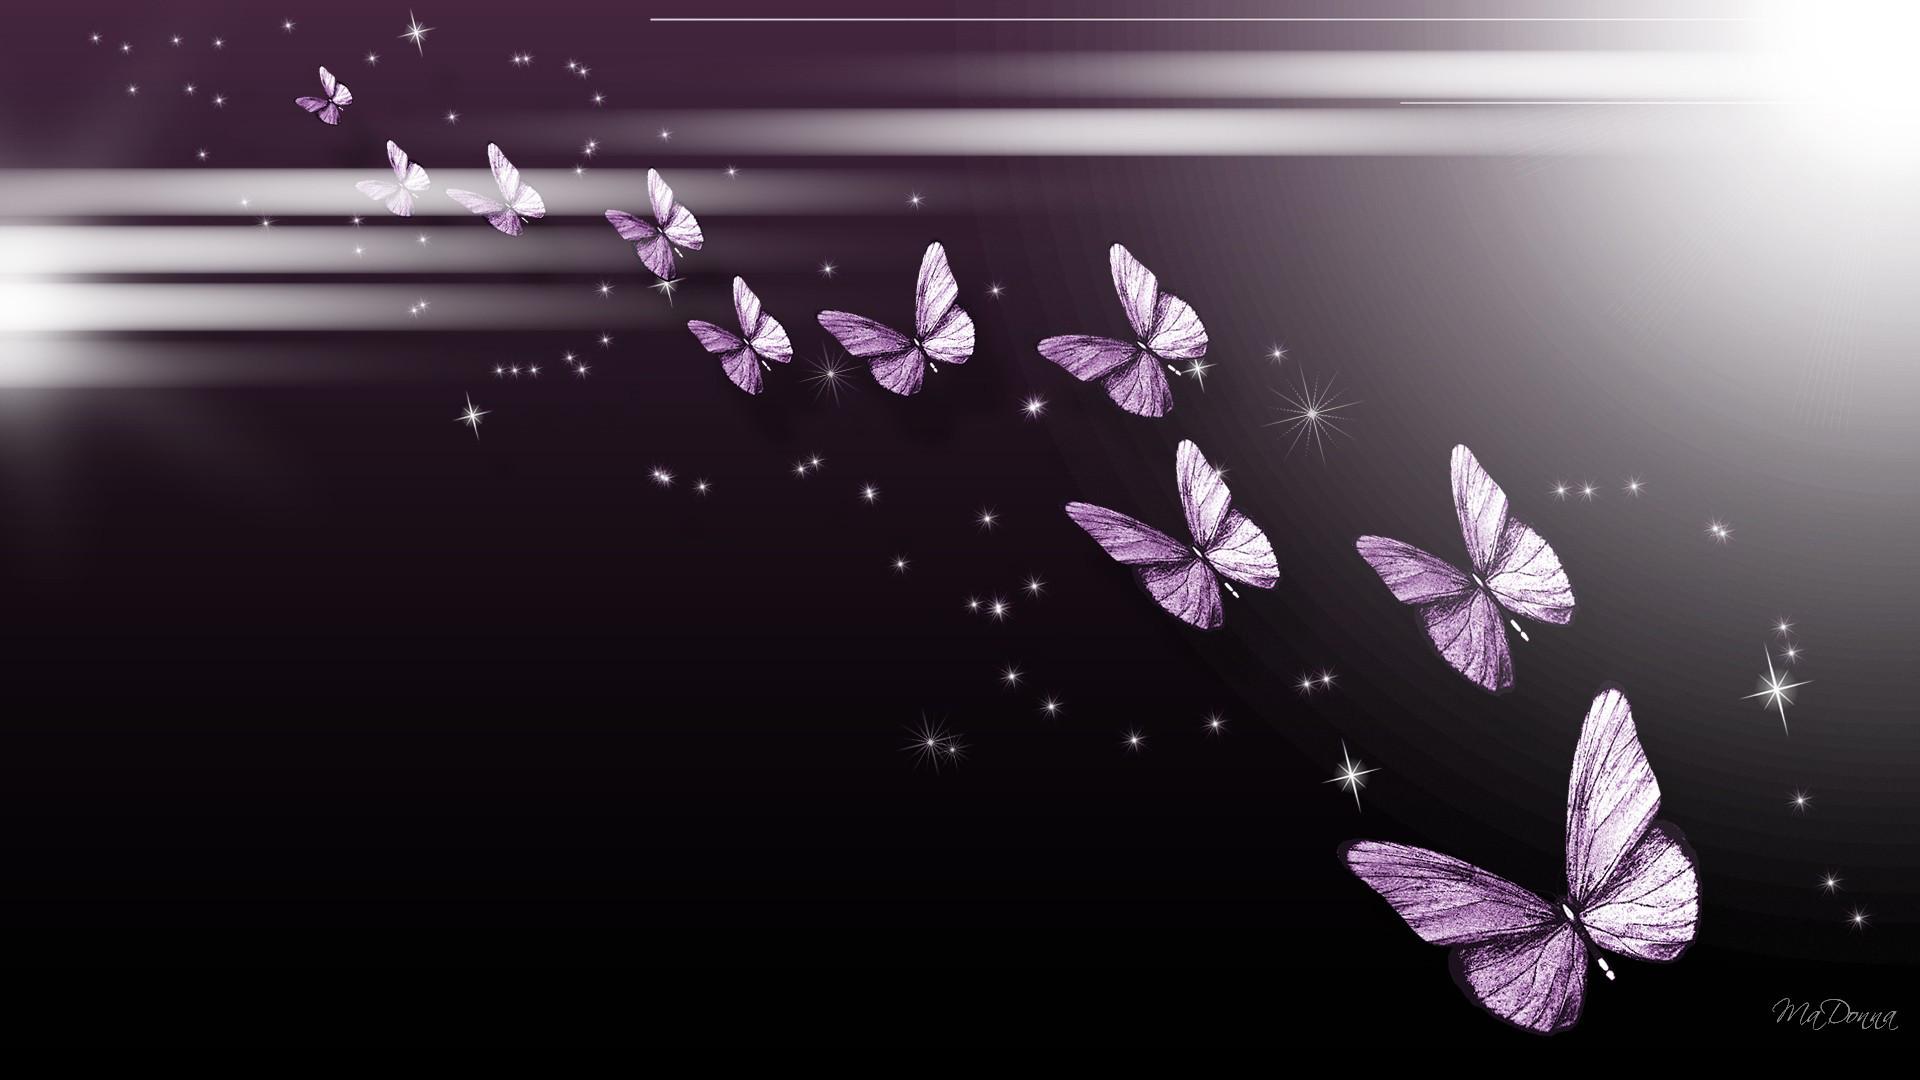 Purple Wallpapers 12 Best Wallpapers Collection Desktop: Purple Butterflies Wallpaper (58+ Images